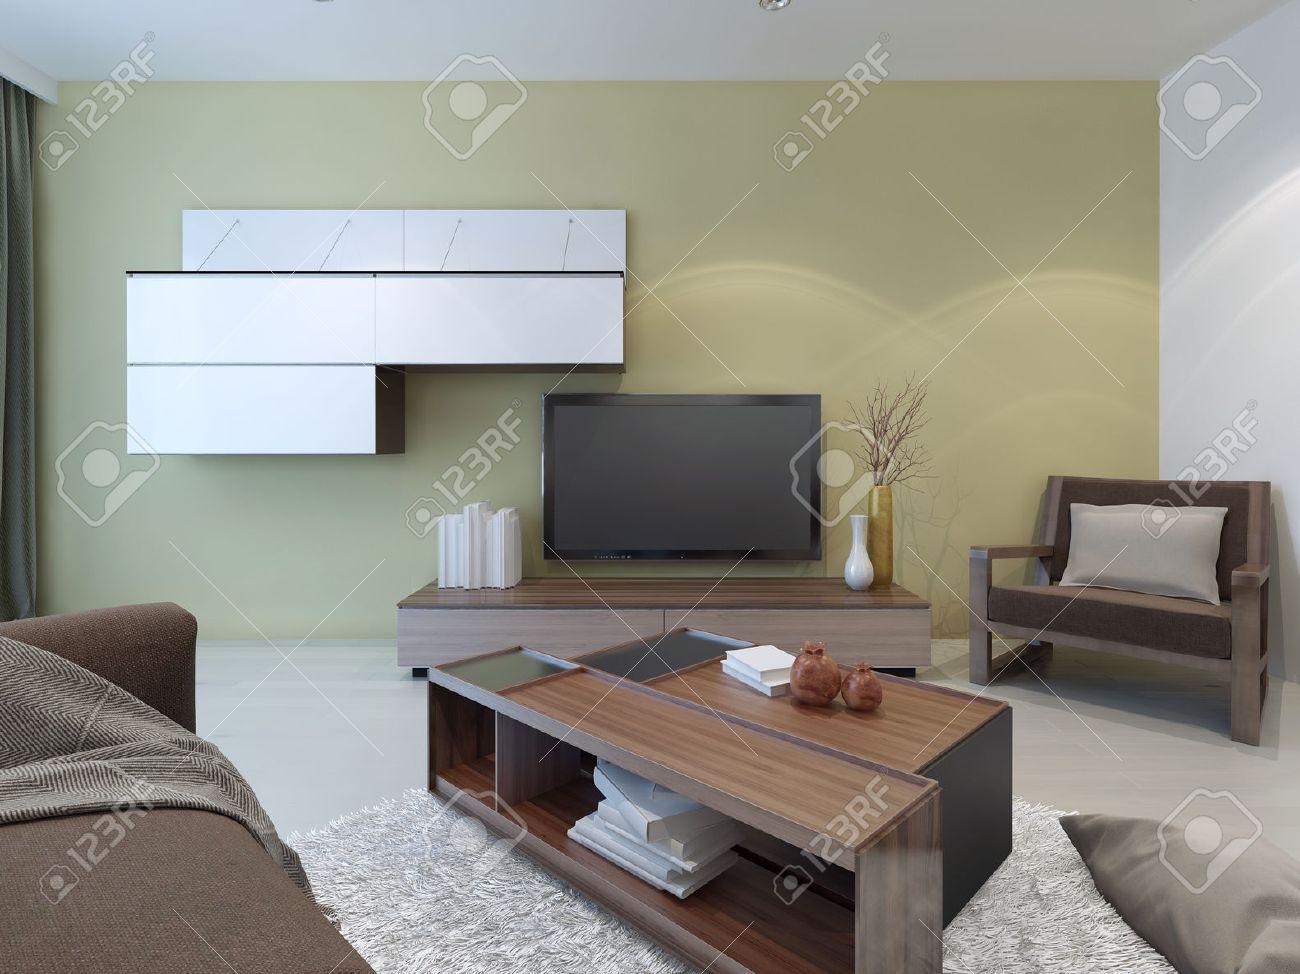 Geräumiges Wohnzimmer Design. Leichte Wände Und Böden, Dunklen ...